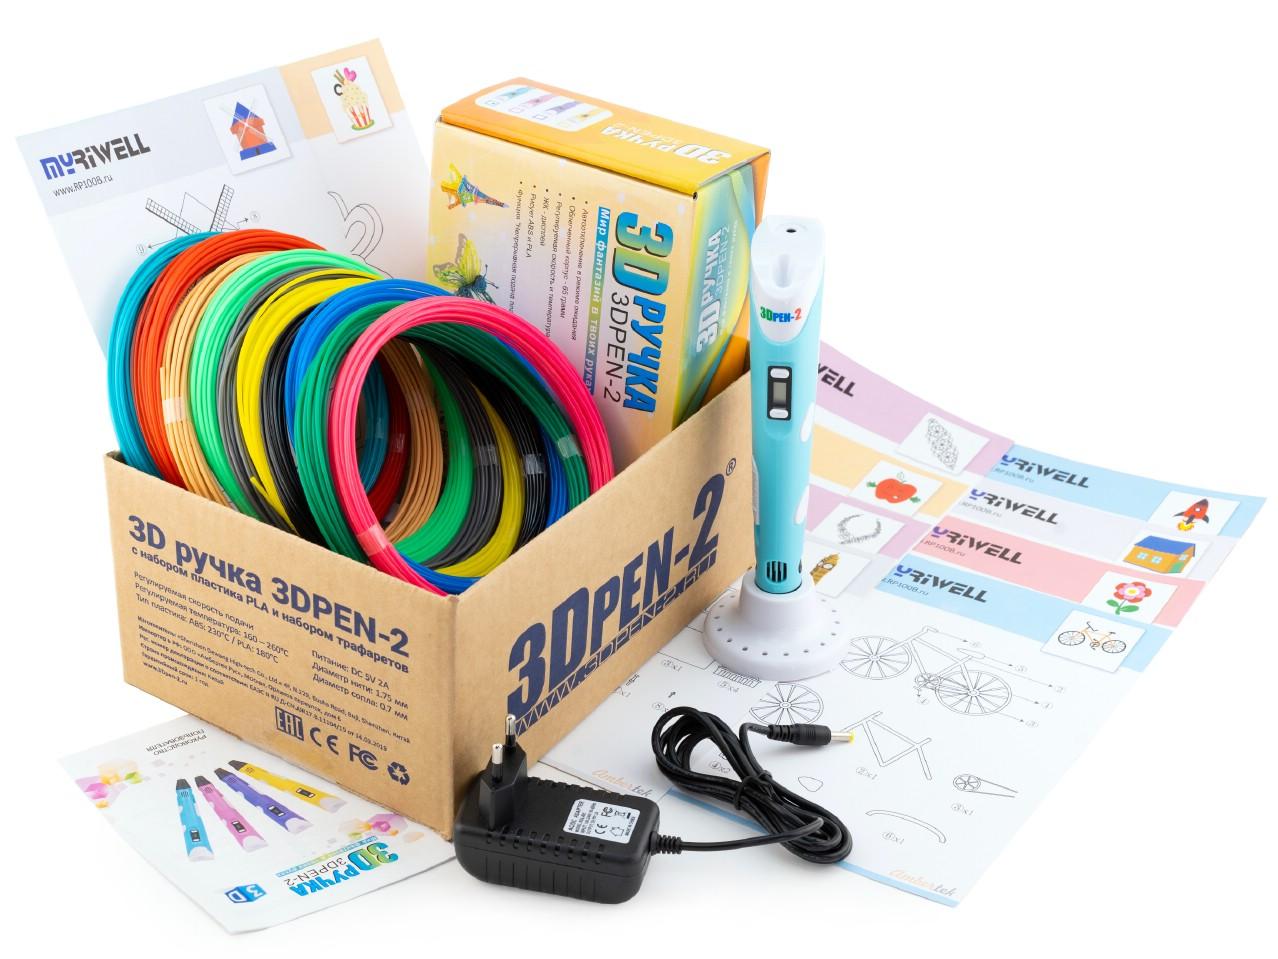 Купить 3D ручка 3DPEN-2 (цвет: голубой) с набором пластика PLA 10 цветов по 10 метров и набором трафаретов для 3D ручек, 3D ручка 3DPEN-2 PLA 10 цветов с трафаретами, цв. голубой,